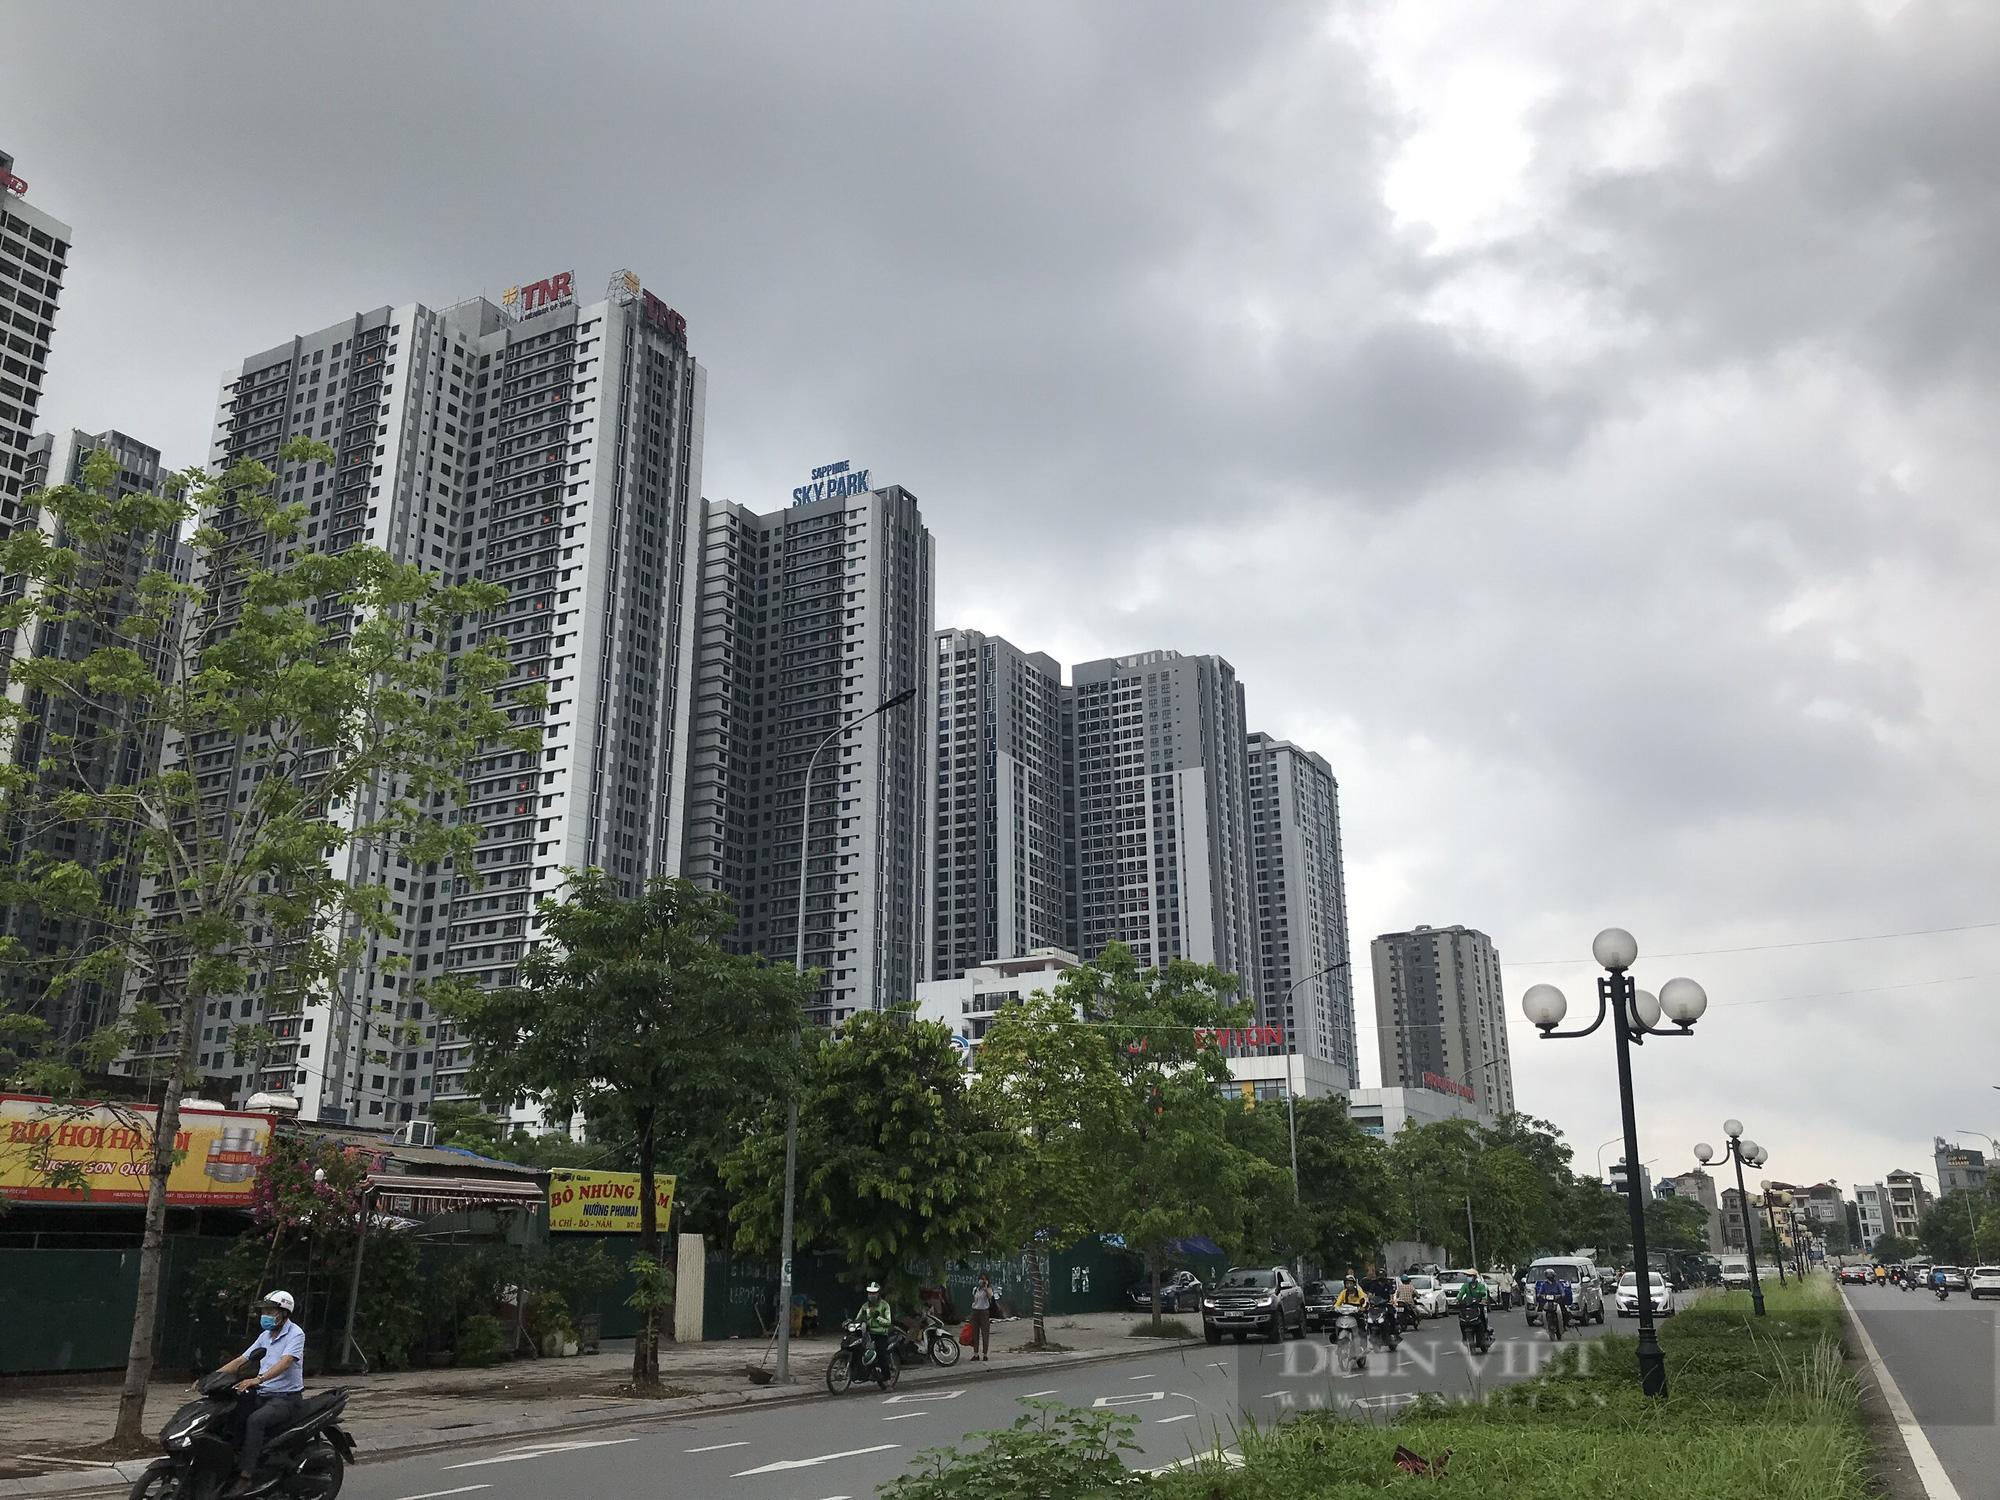 Chủ đầu tư Khu đô thị Goldmark City 136  Hồ Tùng Mậu: Sai phạm chồng chất sai phạm - Ảnh 1.